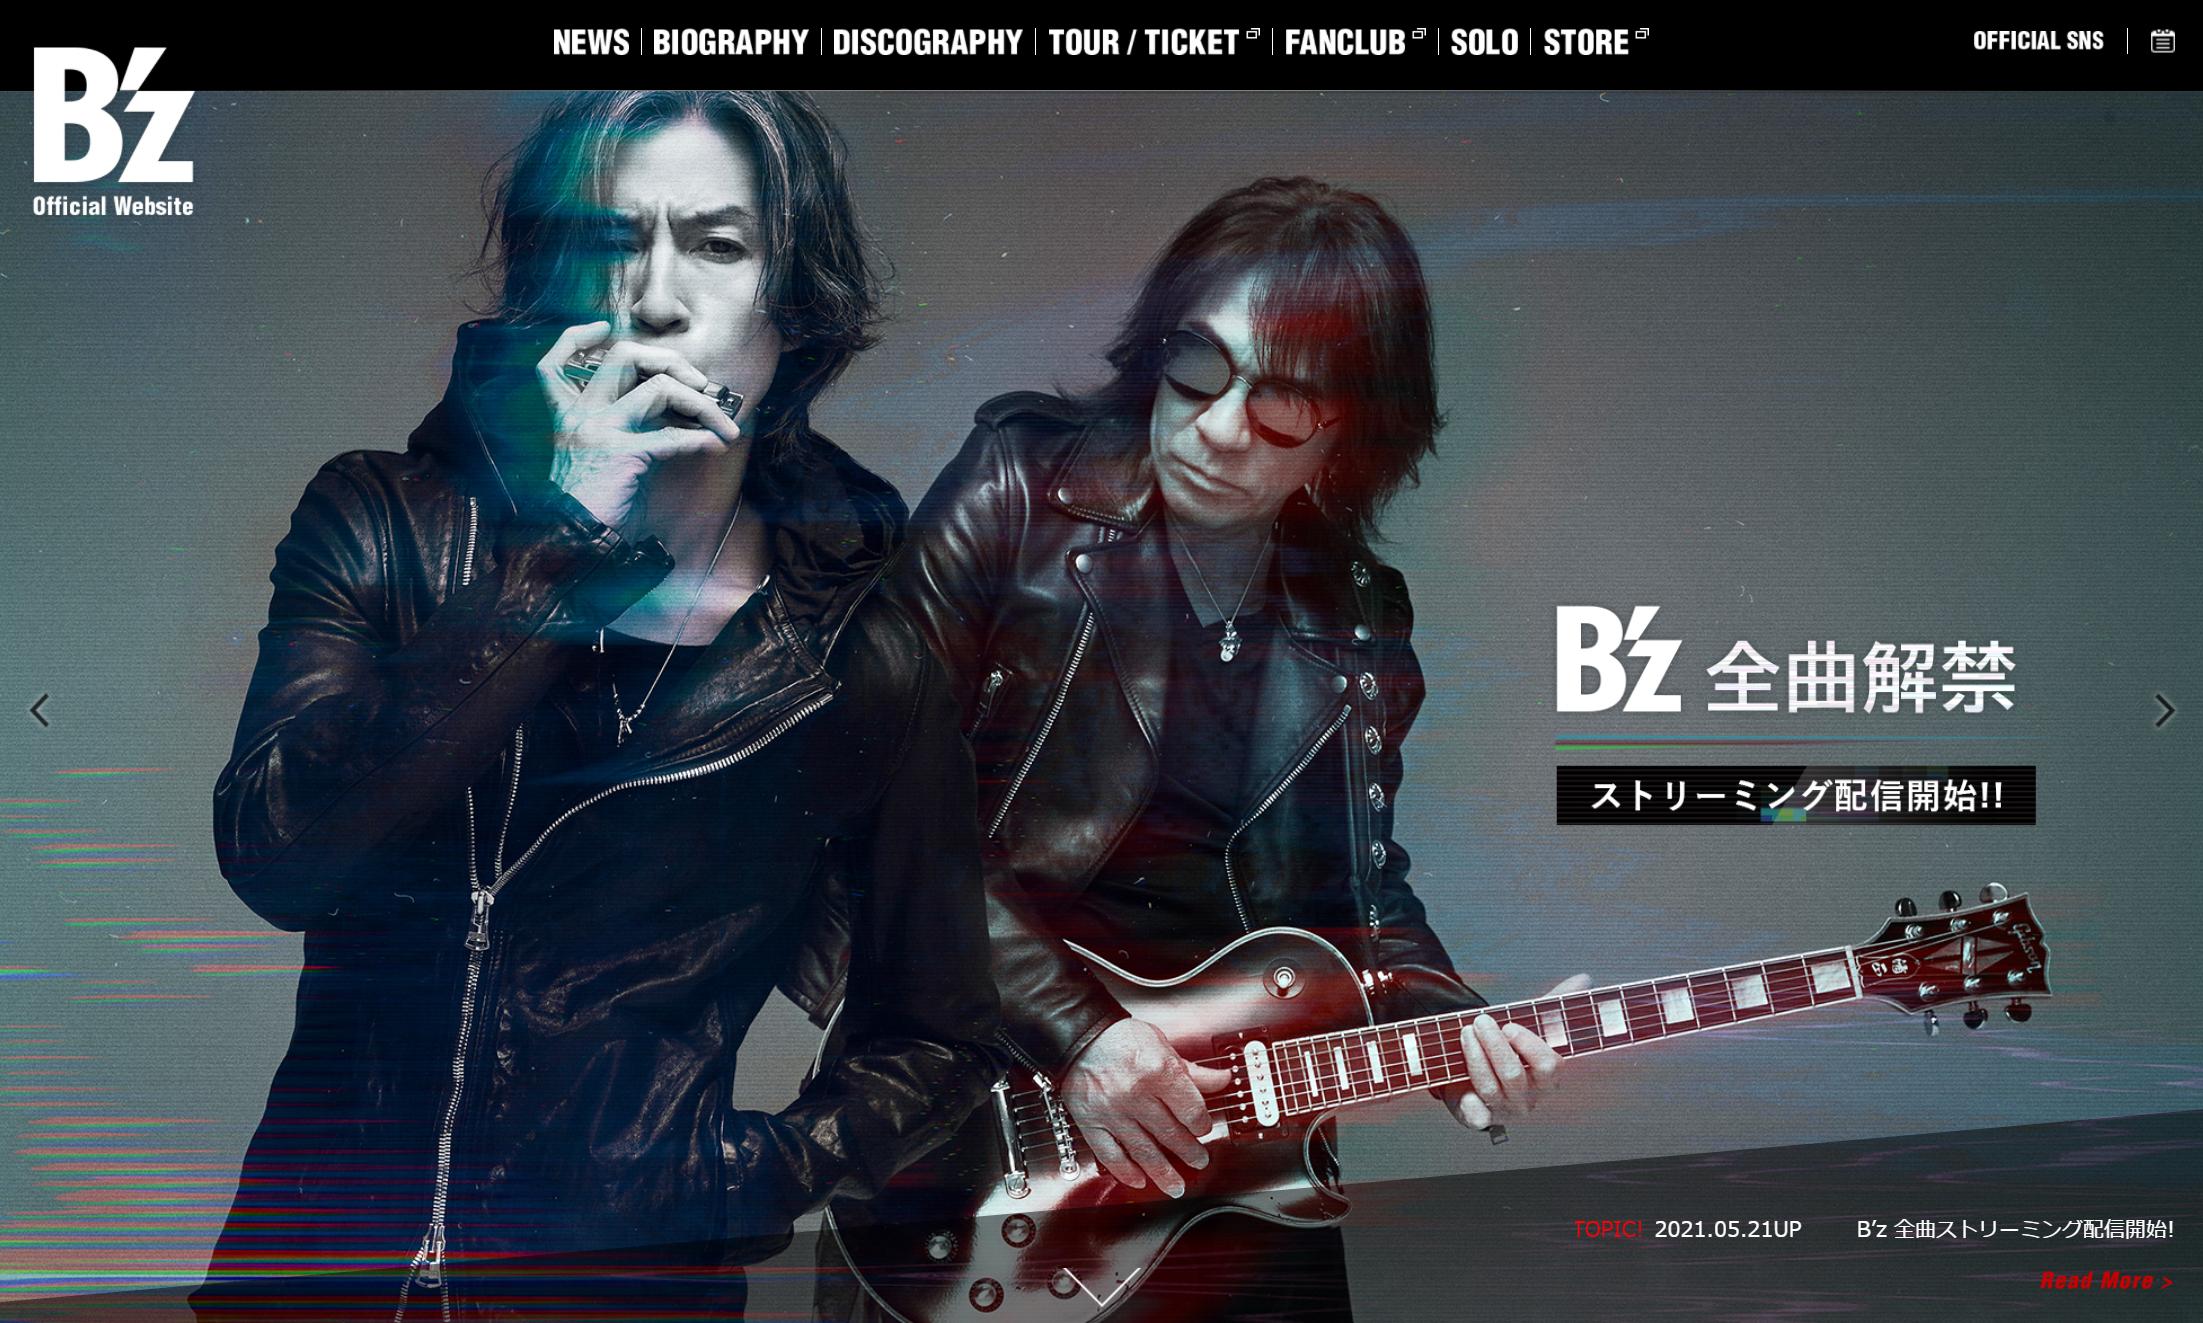 B'z公式サイトのトップページの画像